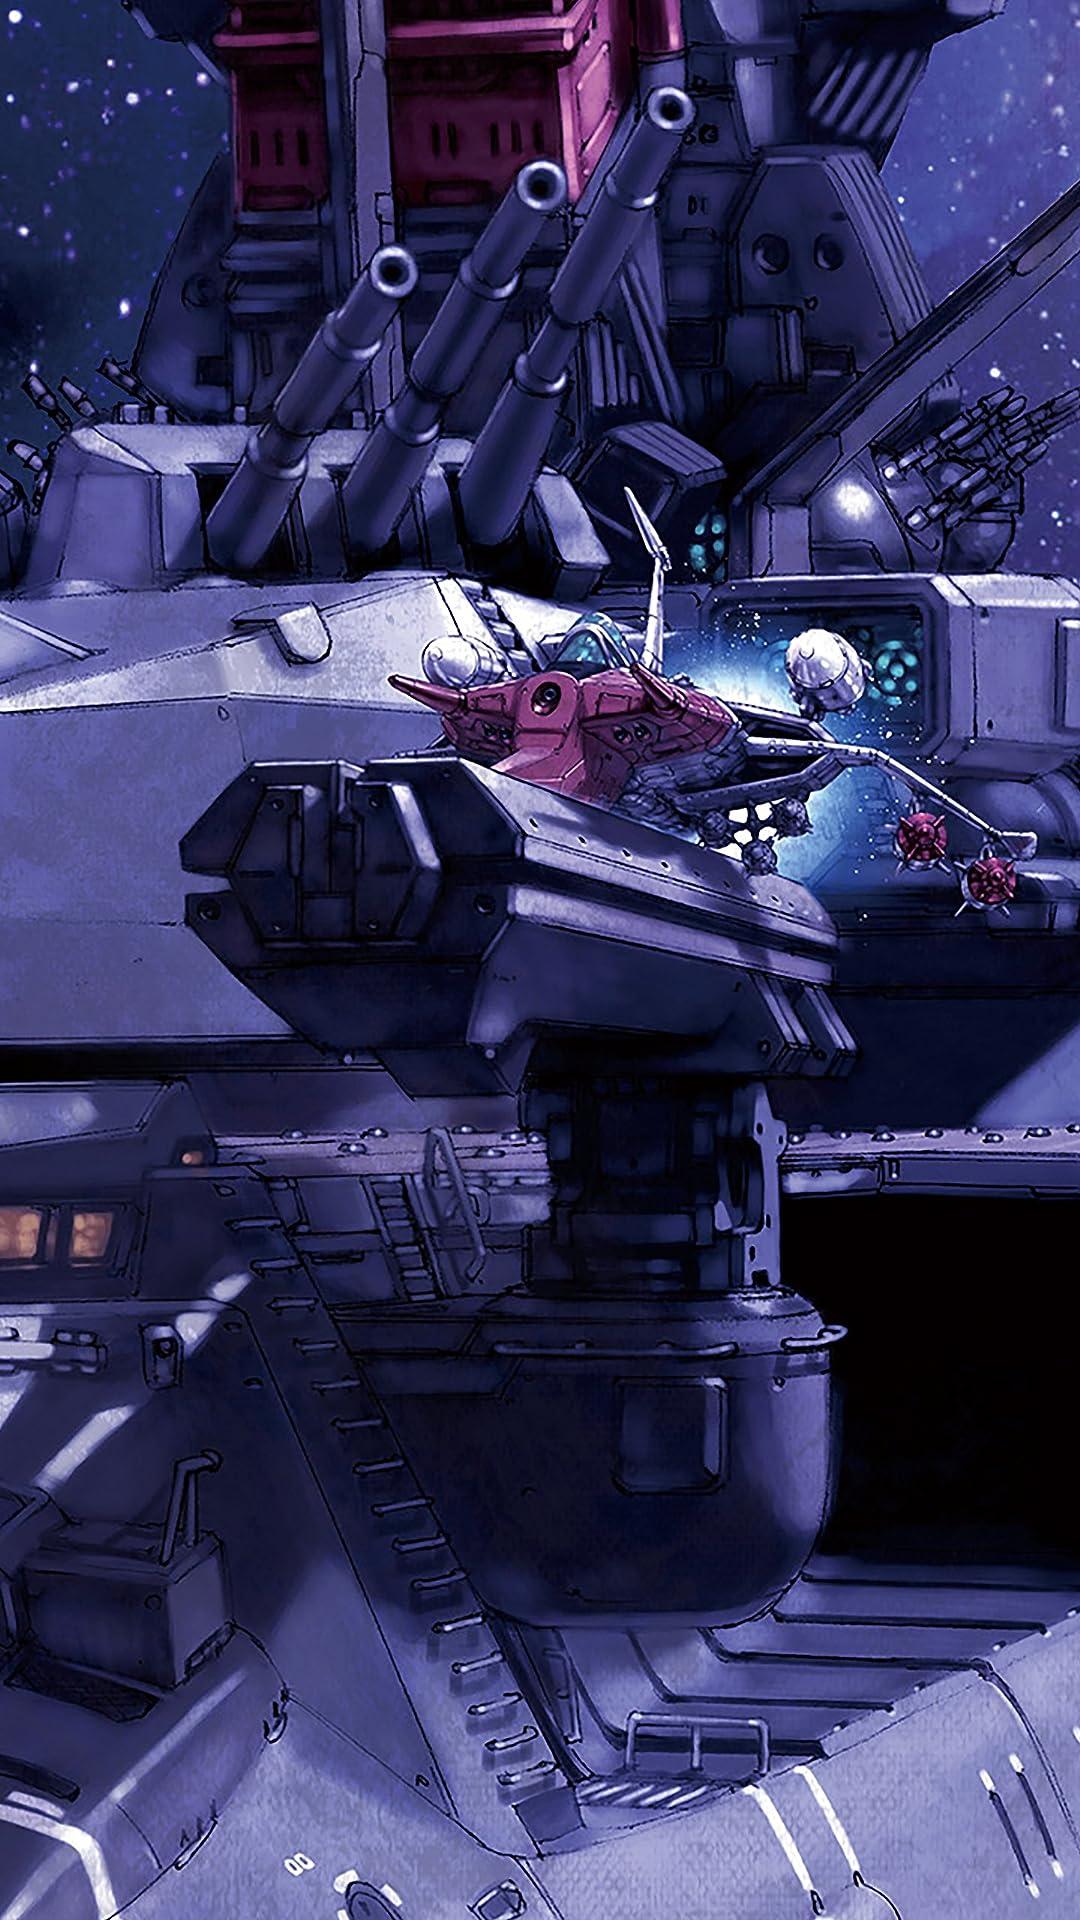 宇宙戦艦ヤマト 零式52型空間艦上戦闘機 コスモゼロ フルhd 1080